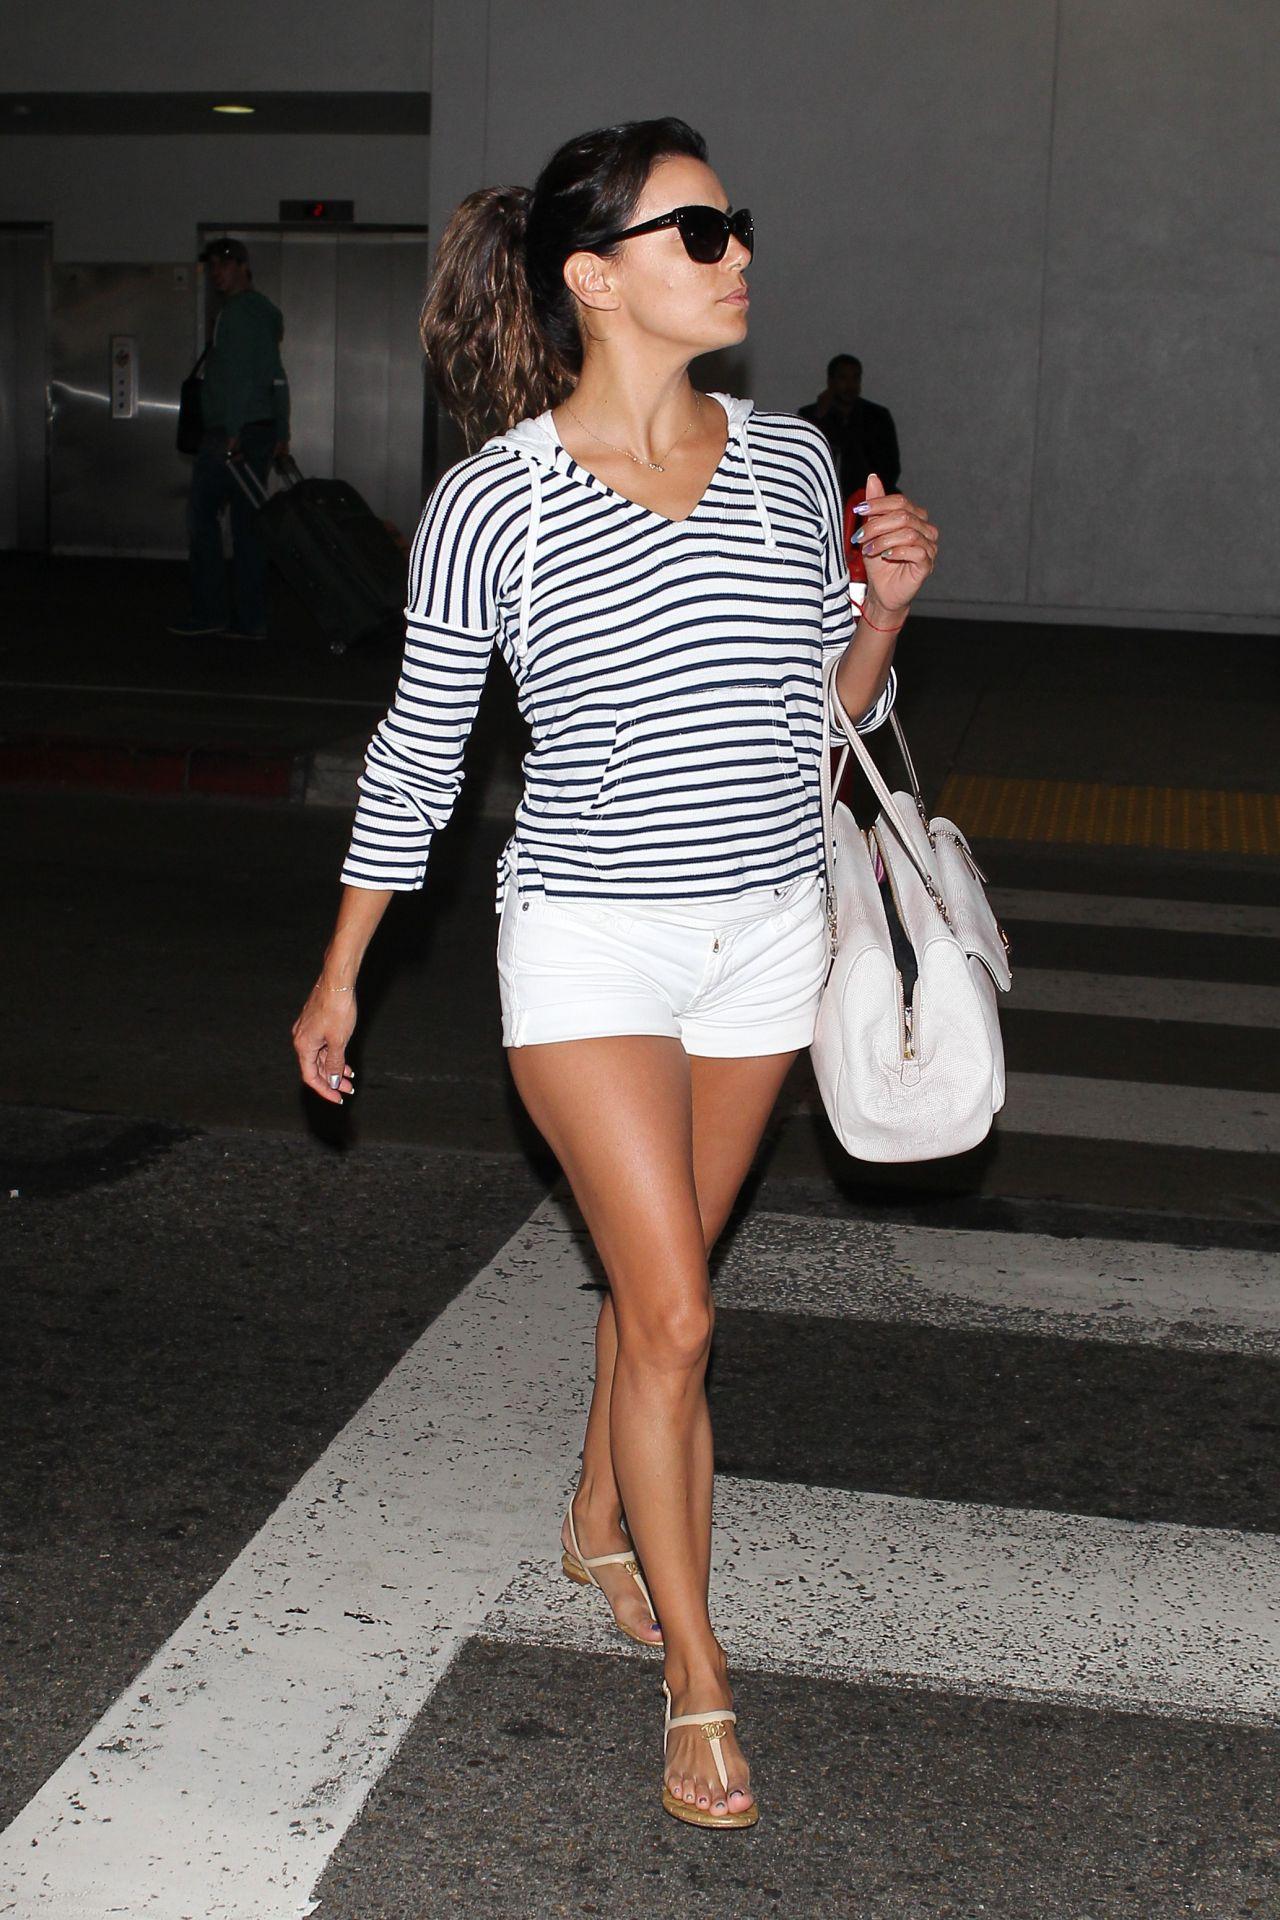 Eva Longoria Shows Off Her Legs - LAX Airport - April 2014